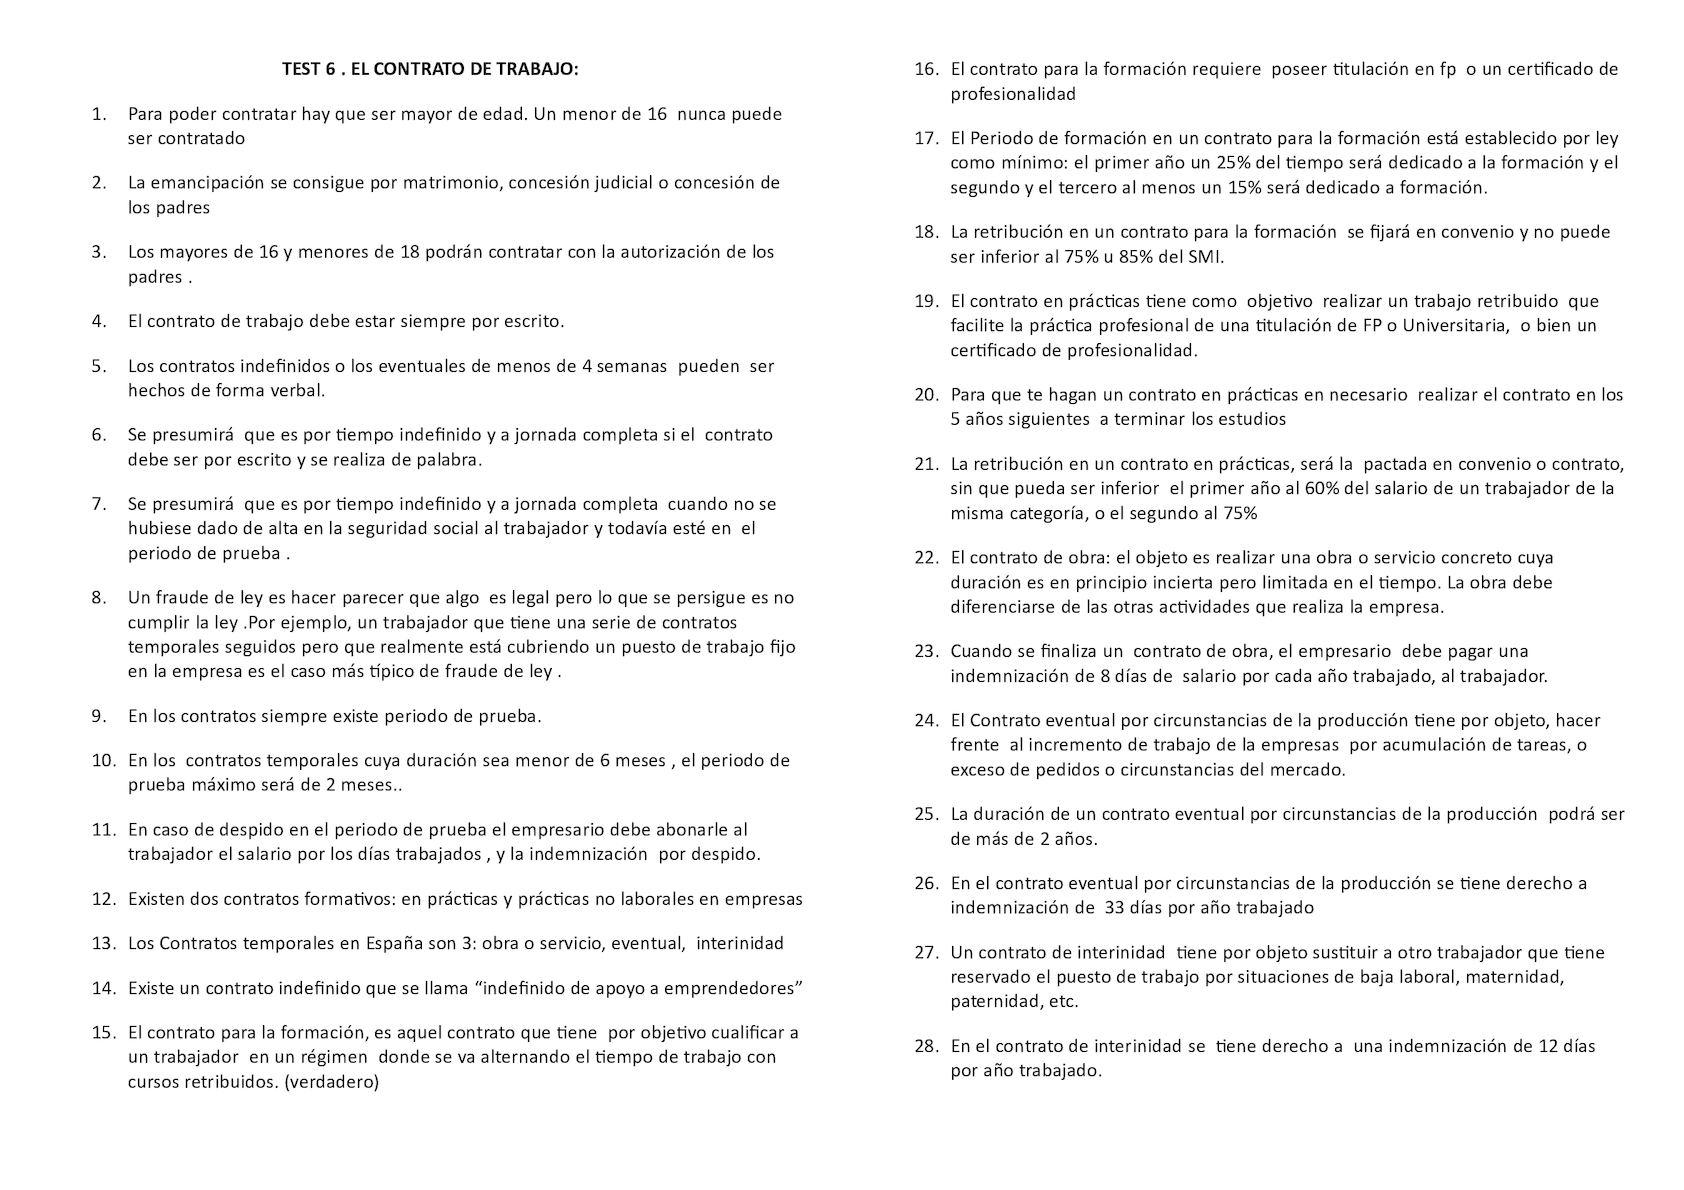 Calaméo - Test del tema 6. El contrato de trabajo